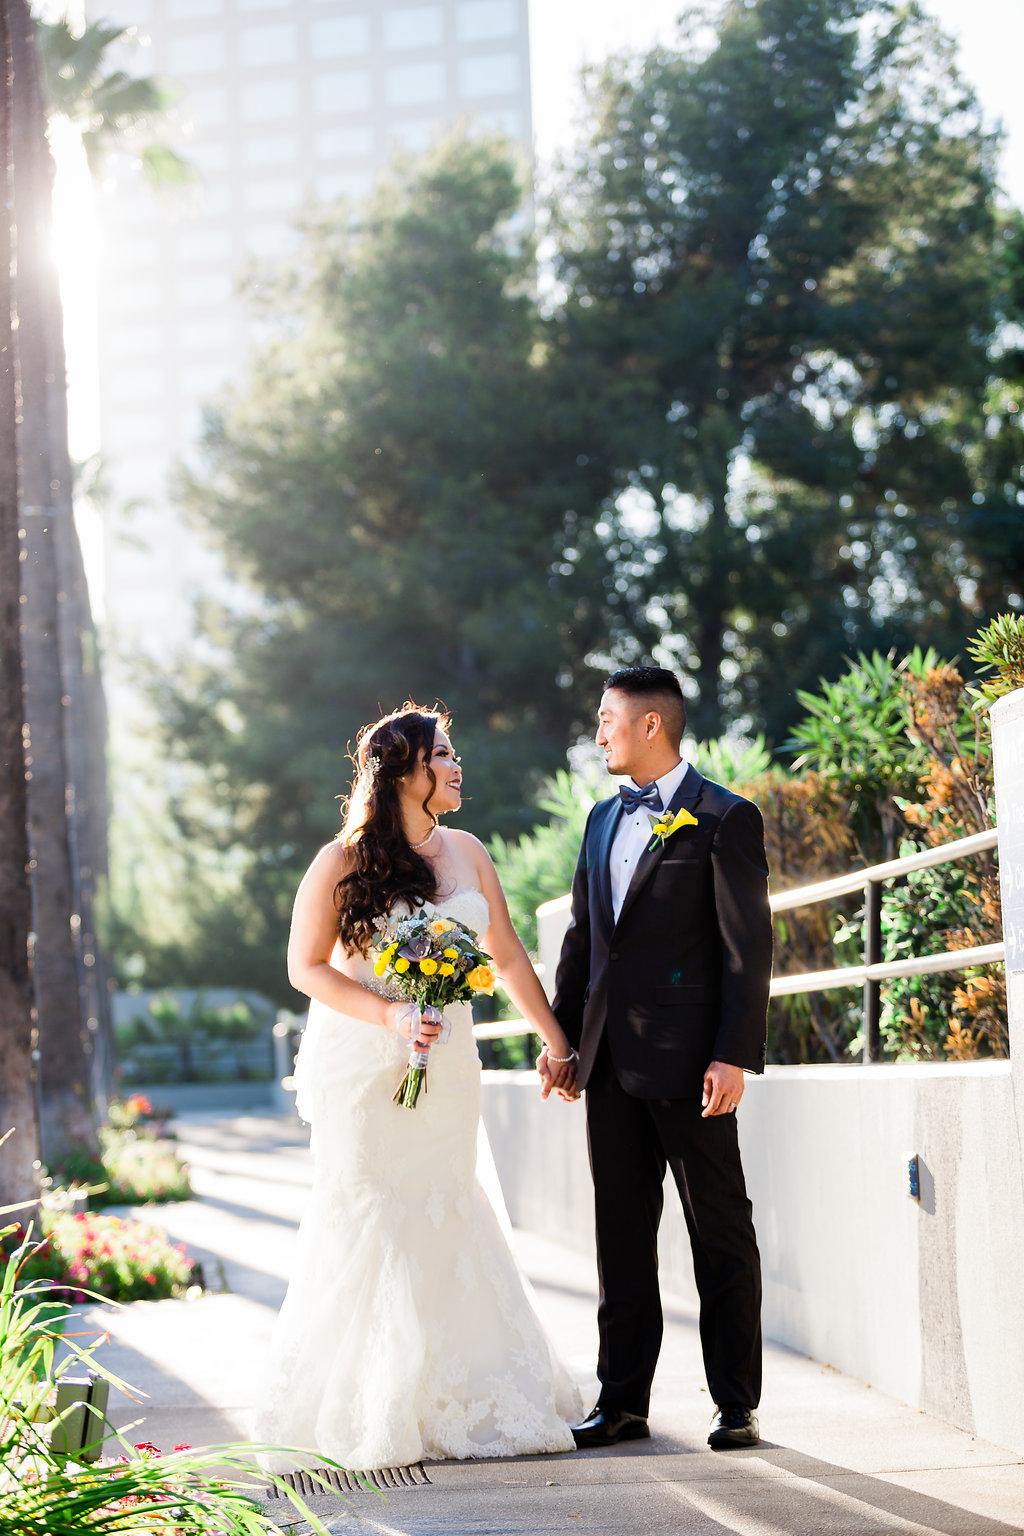 Shawn-Samantha-Wedding-554.jpg